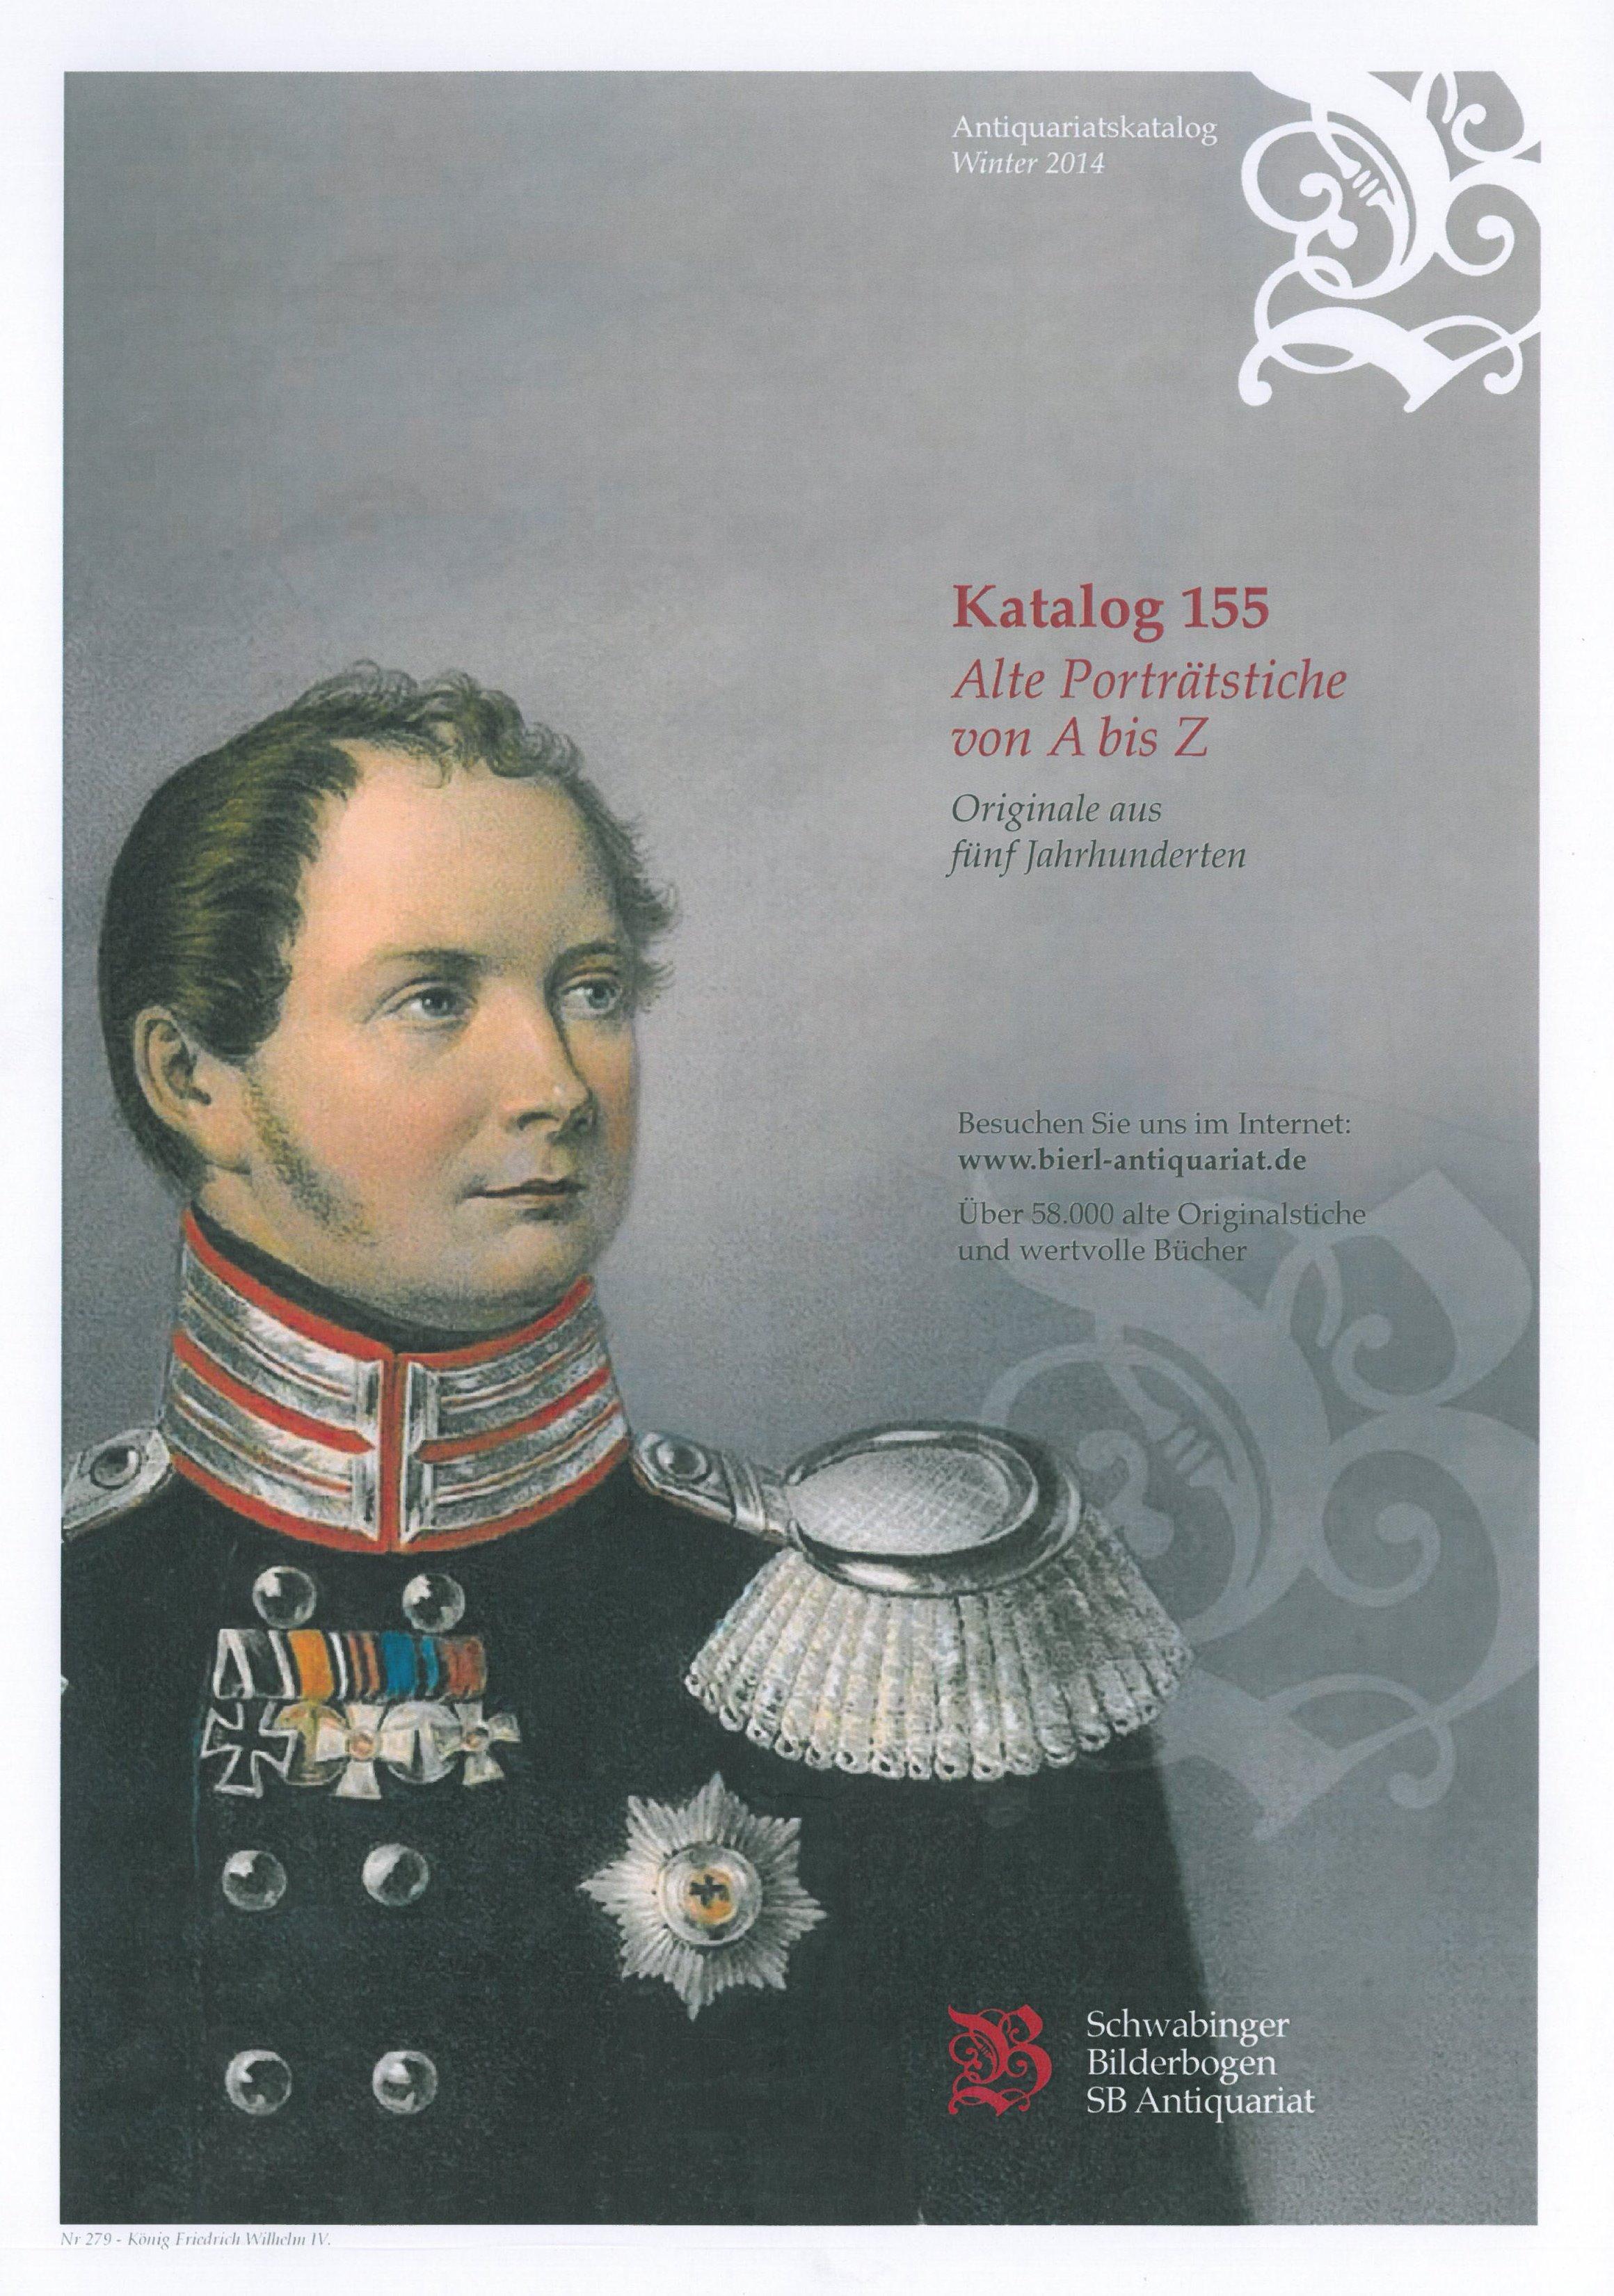 Katalog 155